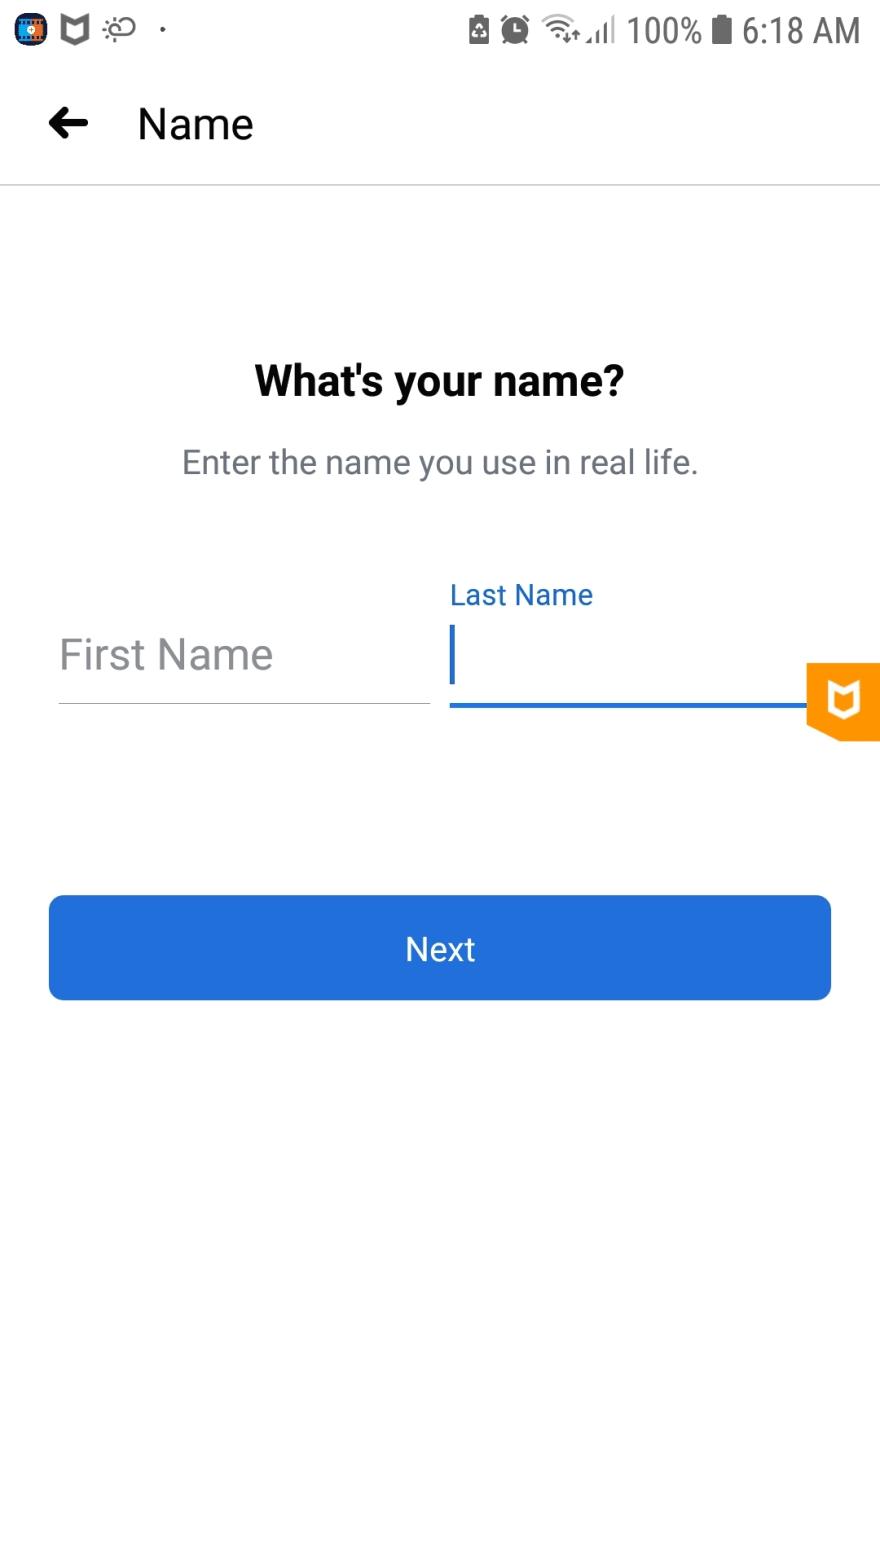 Facebook's sign up form